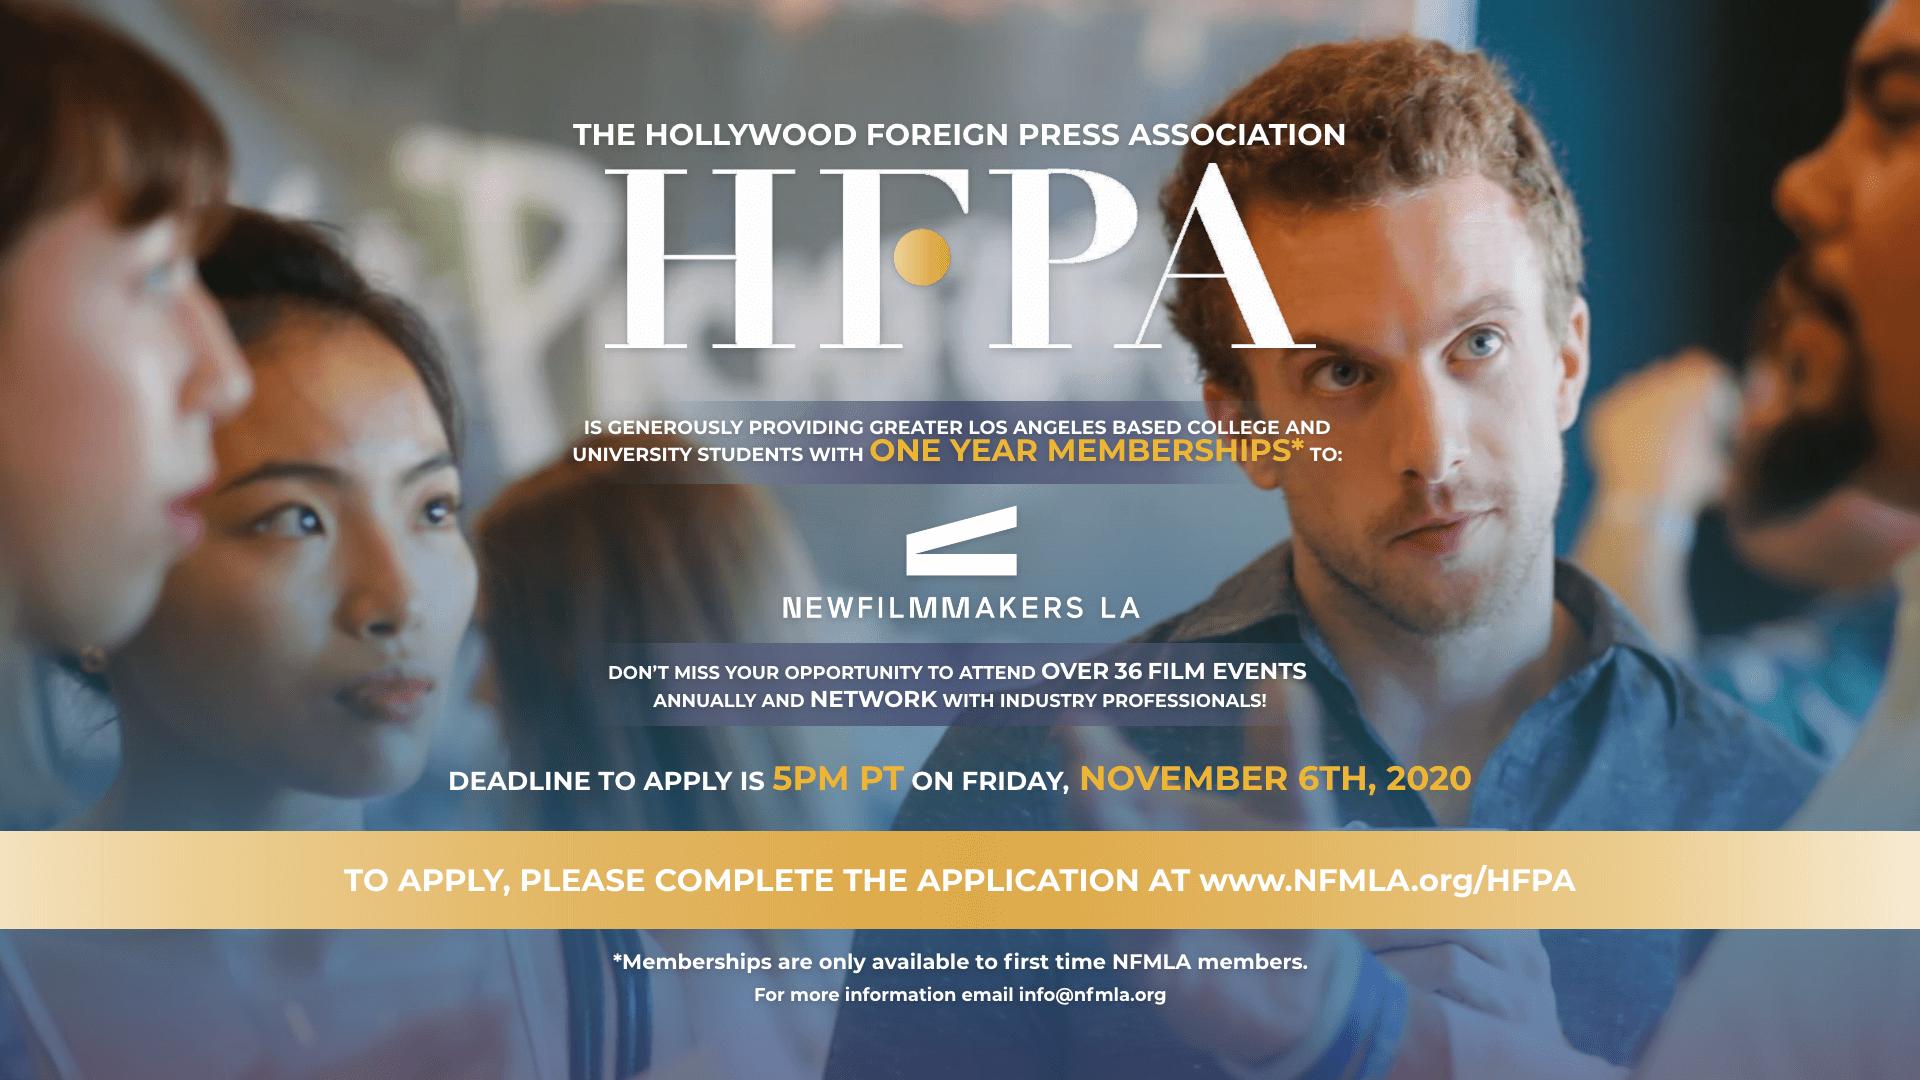 HFPA Membership